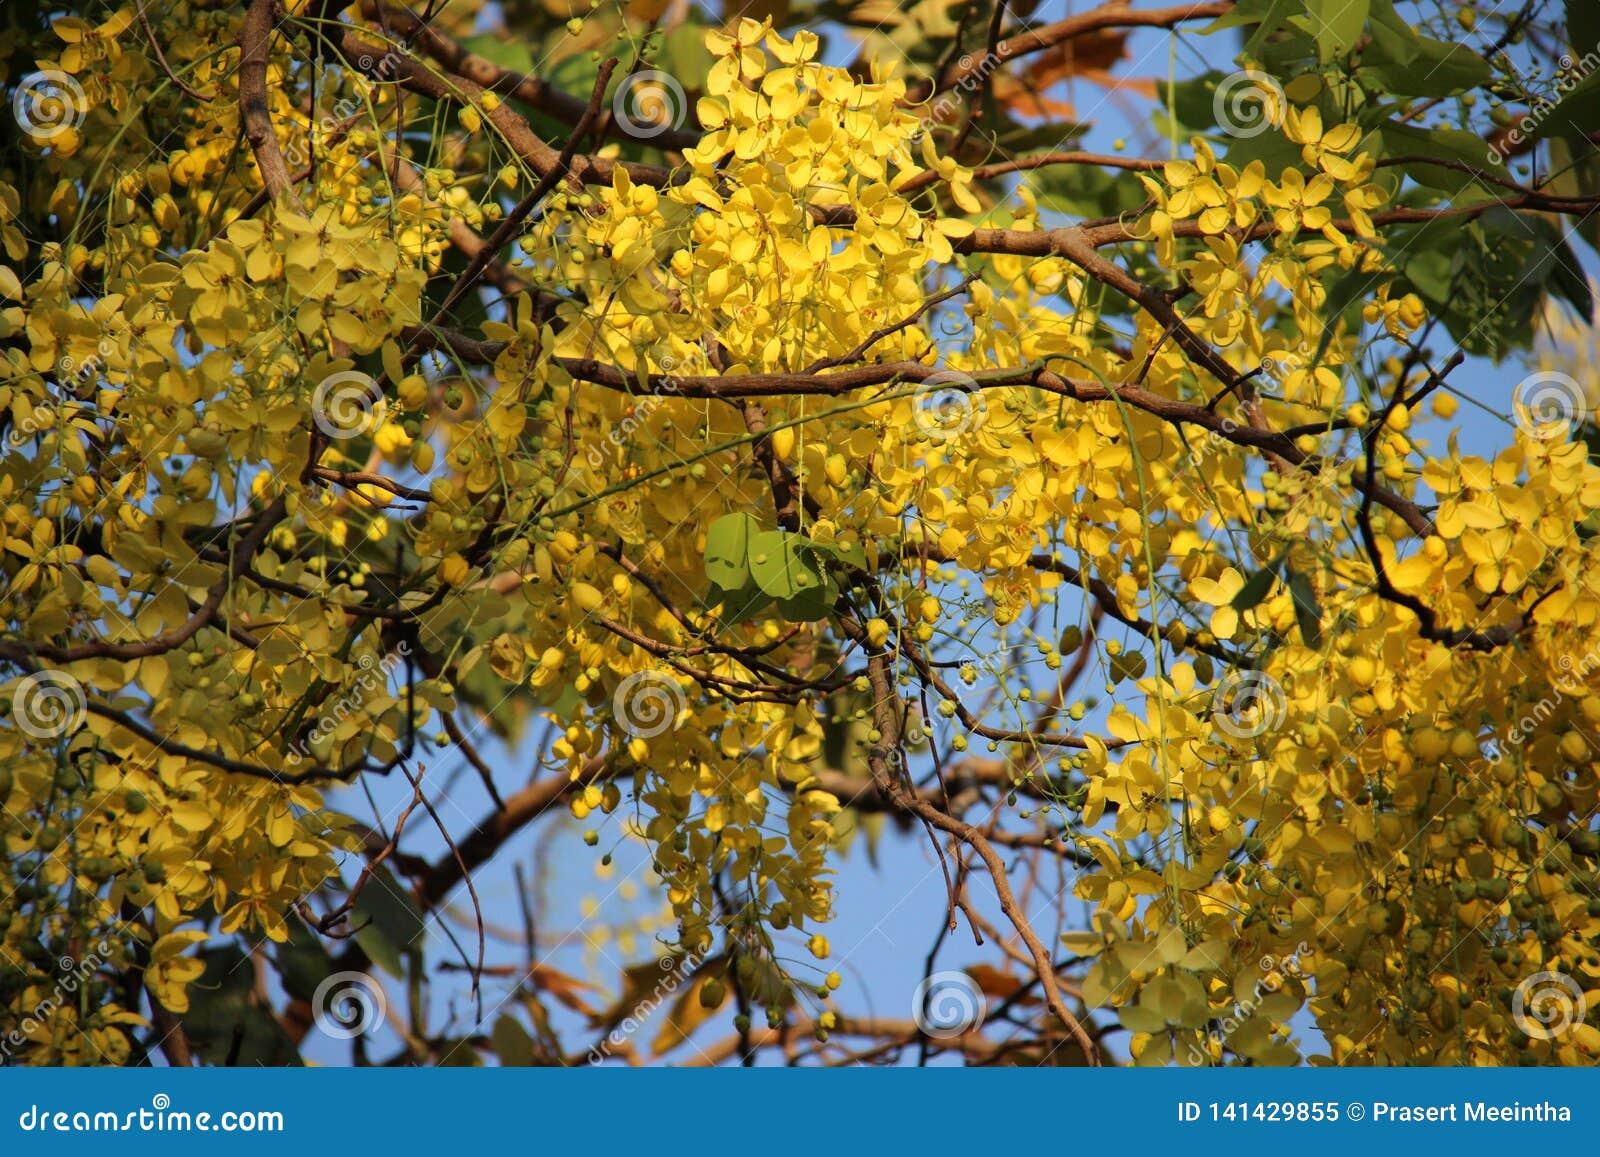 θαμνώδης Χρυσό ντους με τα πράσινους φύλλα και το μπλε ουρανό